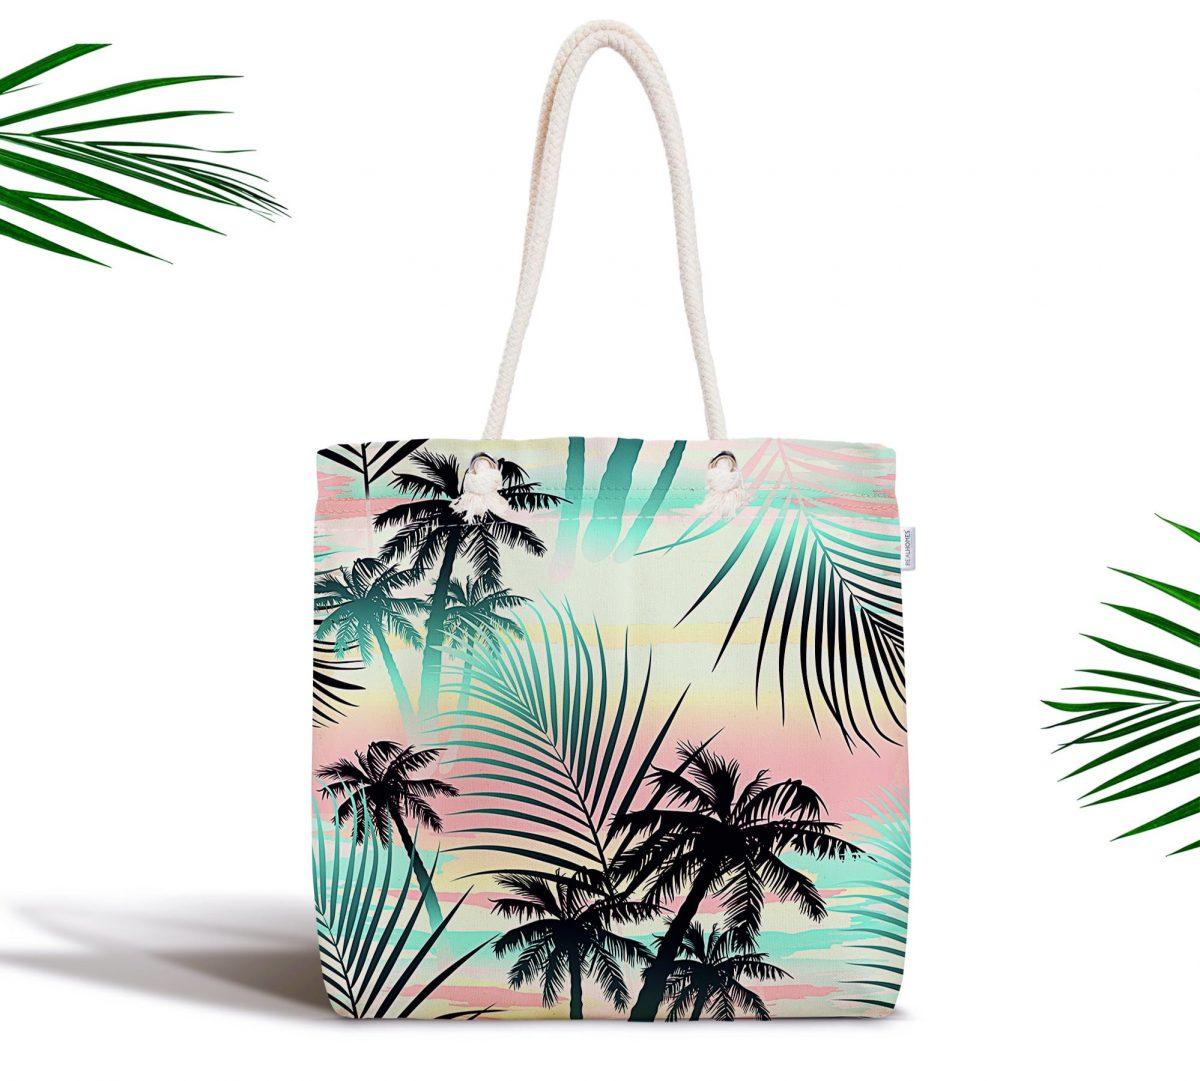 Palmiye Yaprakları Özel Tasarım Fermuarlı Kumaş Çanta Realhomes